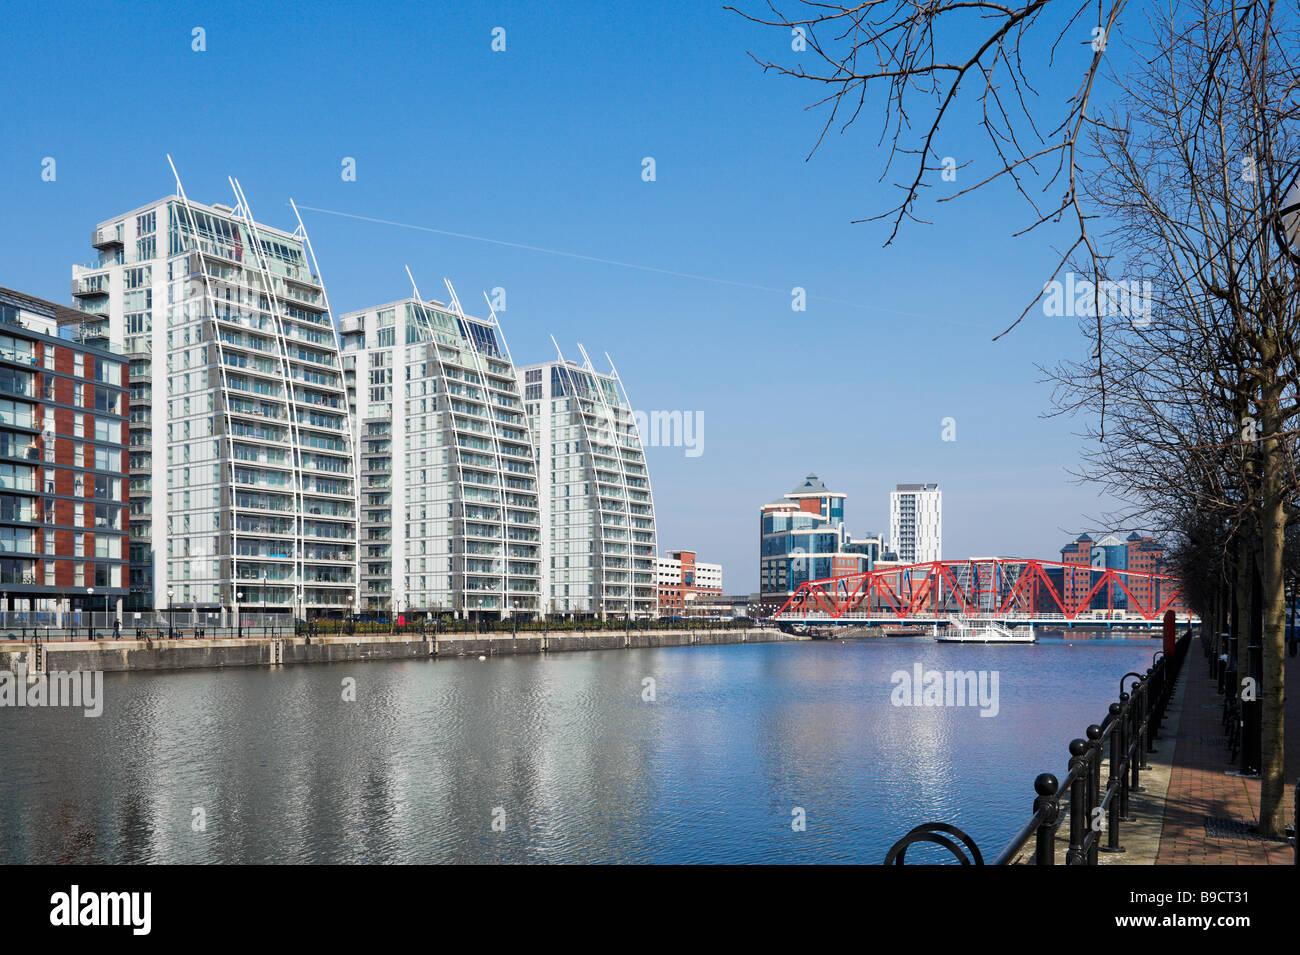 Les bâtiments NV appartements de luxe et le pont de Detroit, Salford, Greater Manchester, Angleterre Photo Stock